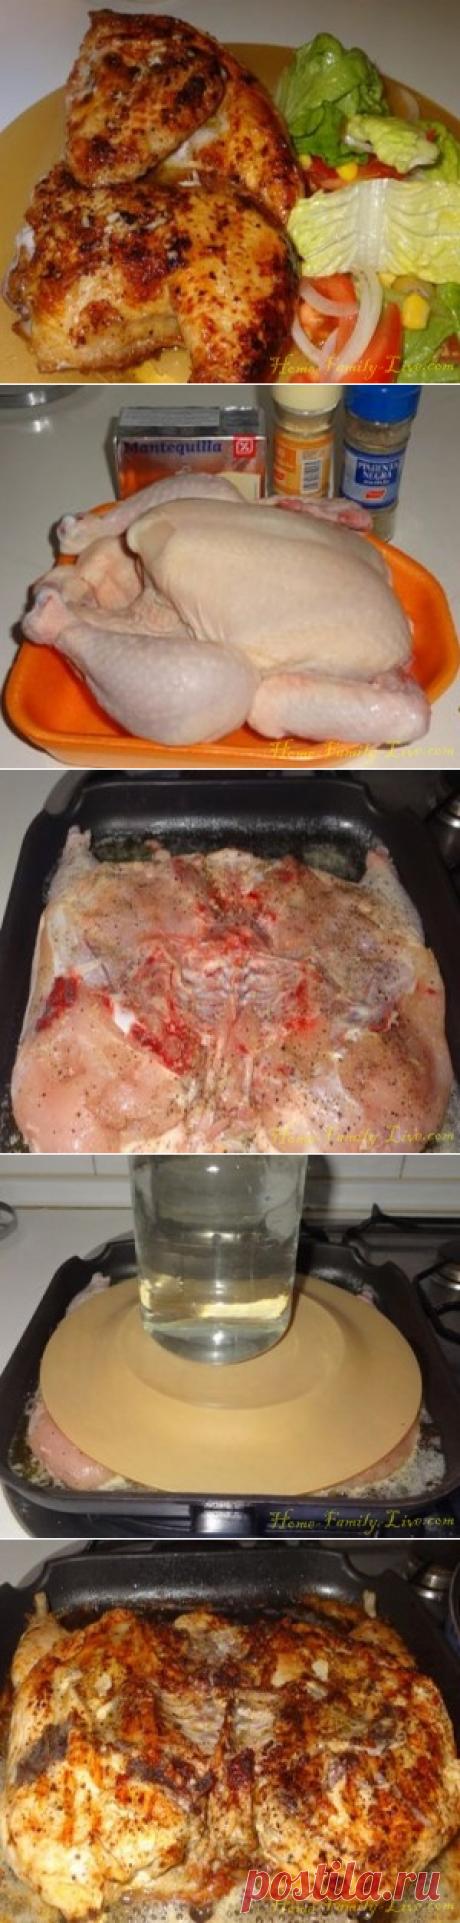 Цыпленок табака - пошаговый рецепт с фотоКулинарные рецепты